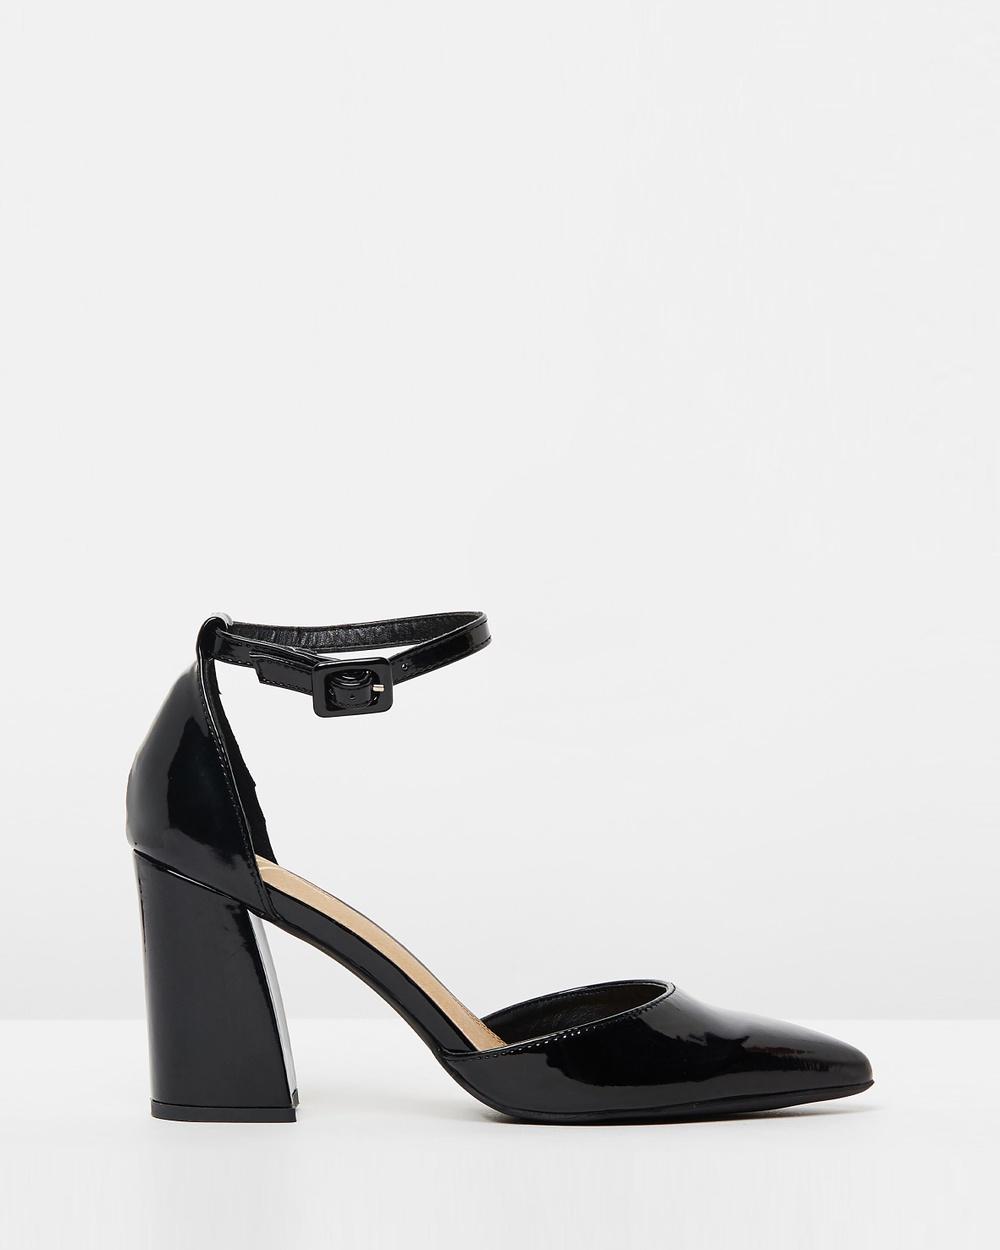 SPURR ICONIC EXCLUSIVE Terri Block Heels Heels Black Patent ICONIC EXCLUSIVE Terri Block Heels